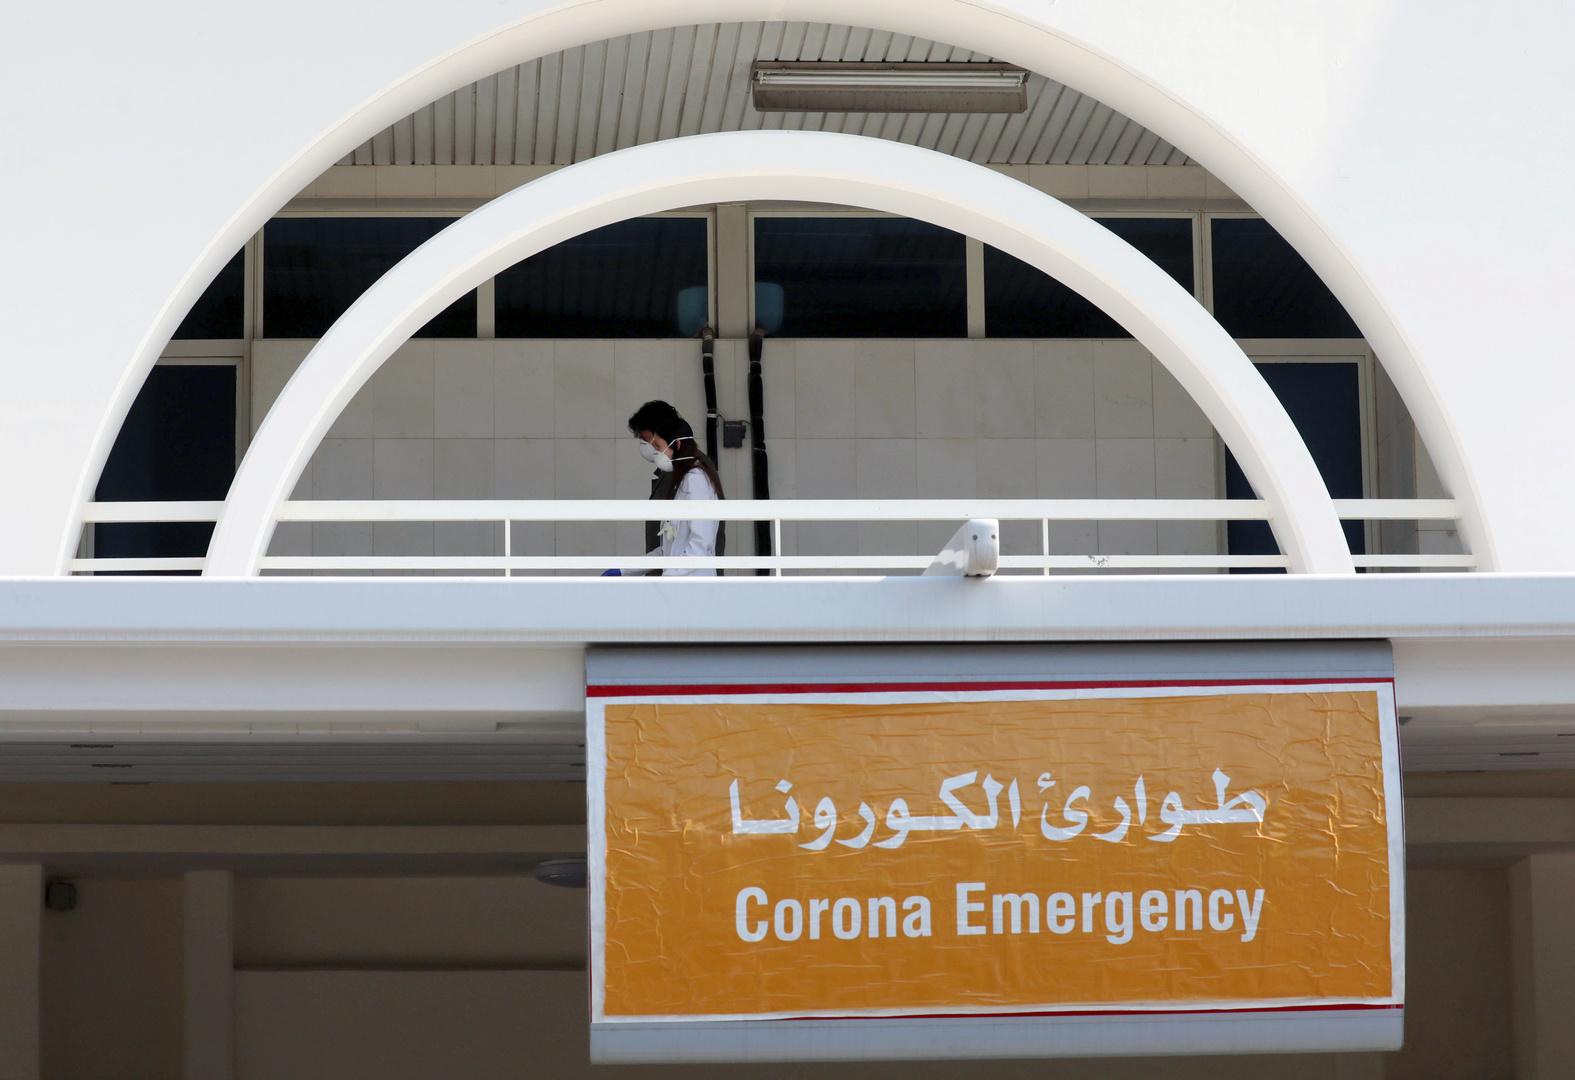 مدخل طوارئ لقسم المعالجة من فيروس كورونا في مستشفى رفيق الحريري بالعاصمة اللبنانية بيروت